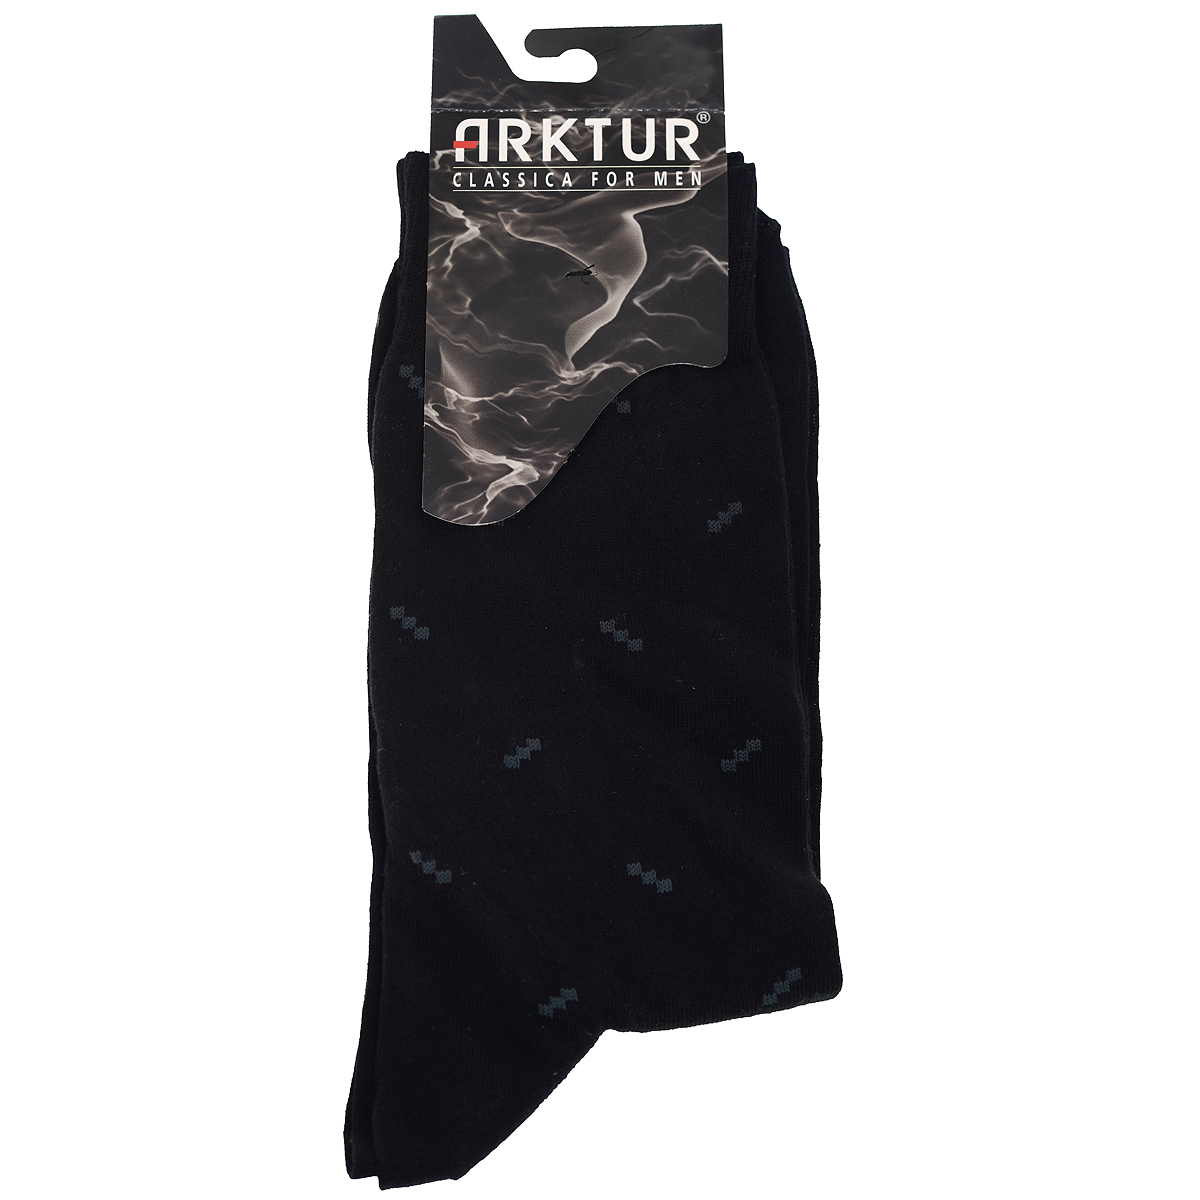 Носки мужские Arktur, цвет: черный. Л207. Размер 42/43Л207Мужские носки из высококачественного сырья европейского производства. Комфортные и прочные. Удобная широкая резинка пресс-контроль не сдавливает ногу. Усиленная пятка и мысок. Удлиненный паголенок.